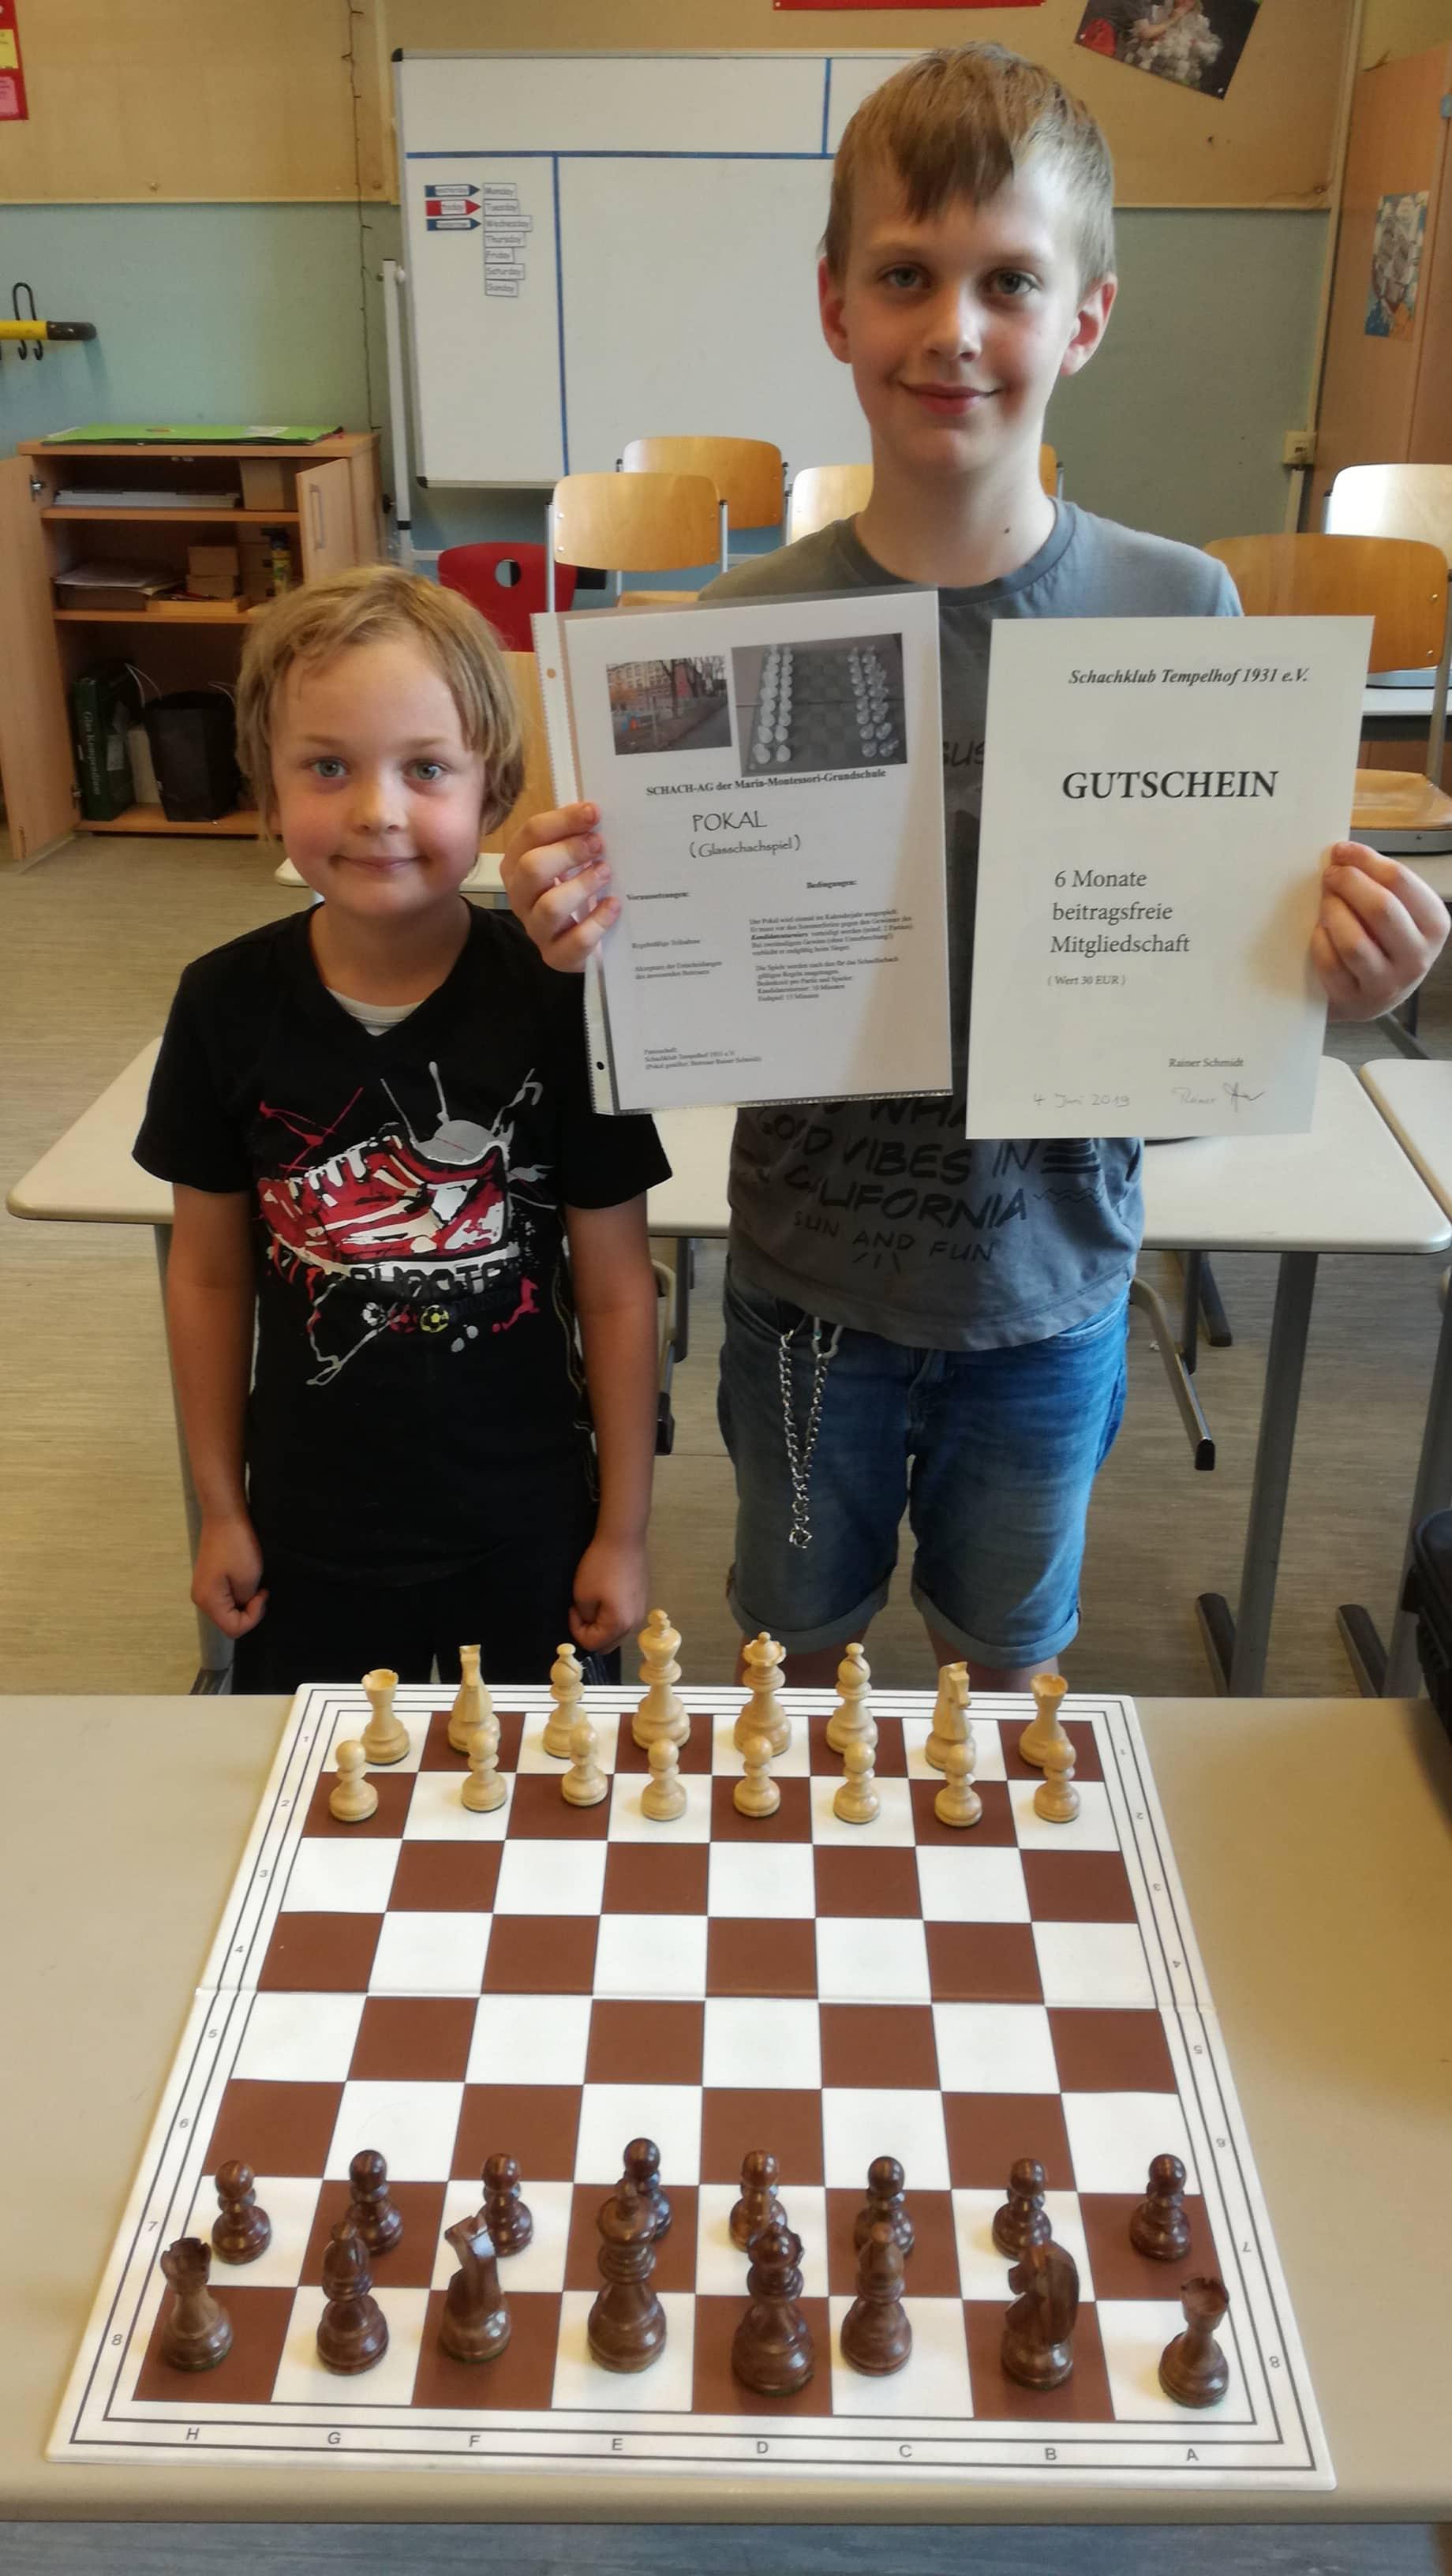 http://schachklub-tempelhof-neu.de/wp-content/uploads/2019/06/IMG_20190604_160844.jpg